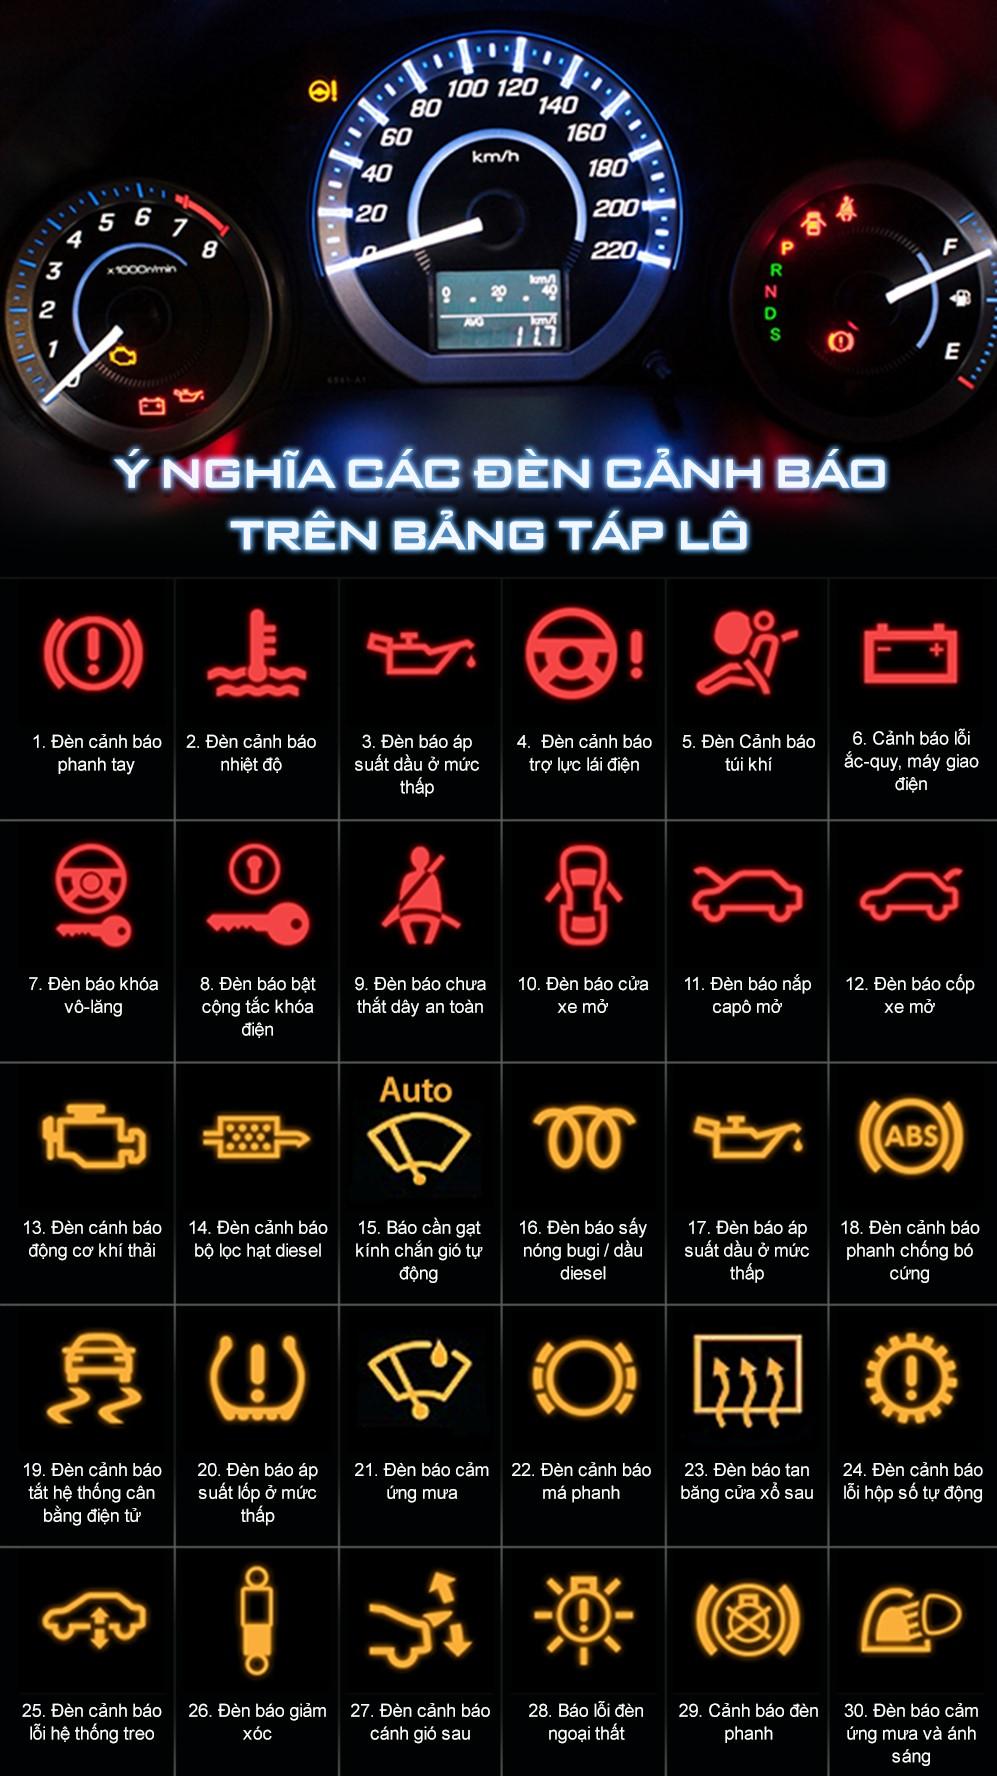 y-nghia-cac-den-canh-bao-tren-tap-lo-nhieu-tai-xe-khong-he-biet